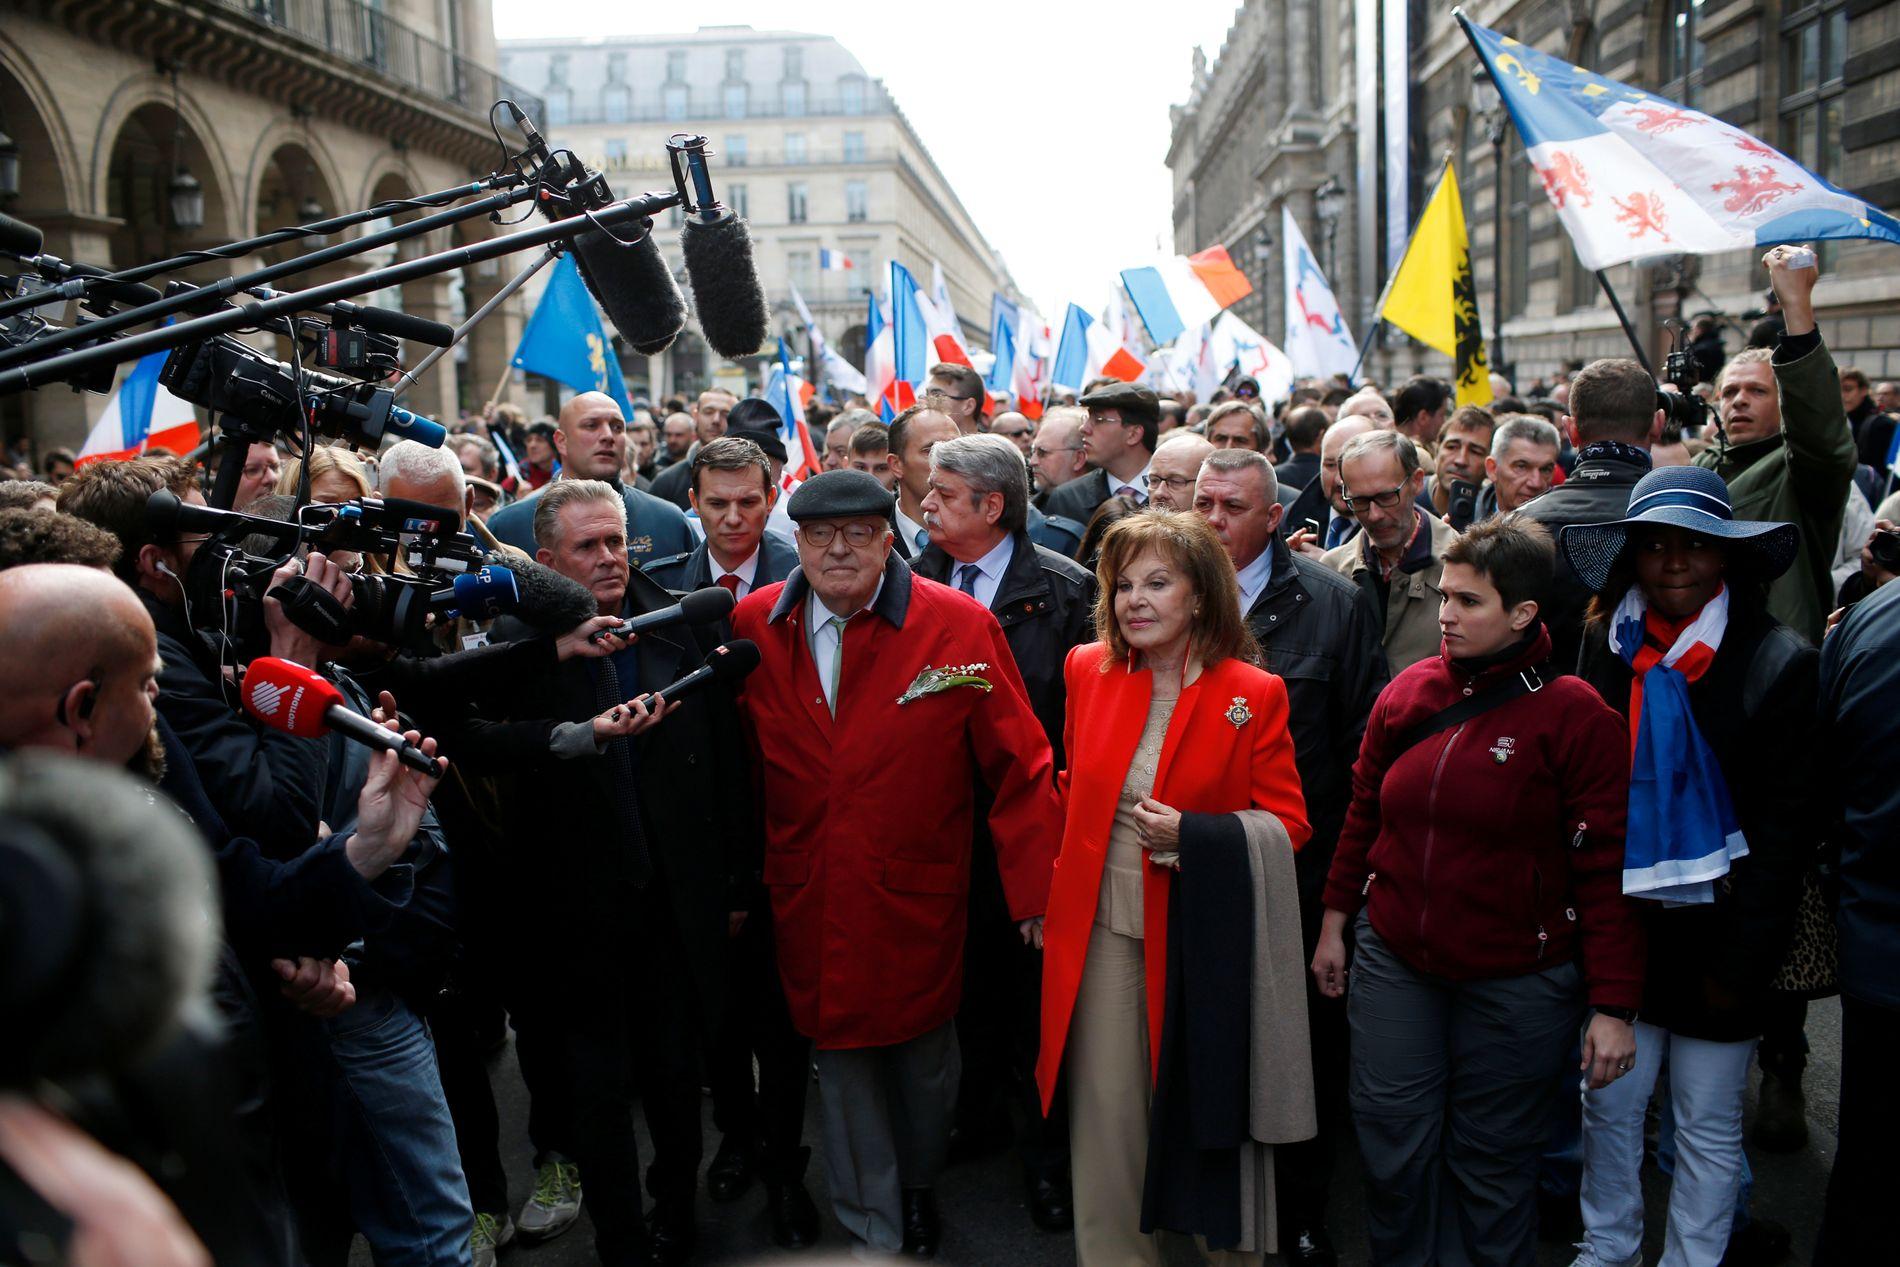 HYLLET AV TILHENGERNE: Grunnleggeren av Nasjonal Front, Jean-Marie Le Pen, og kona Jany under et arrangement i Paris mandag. Foto: Reuters